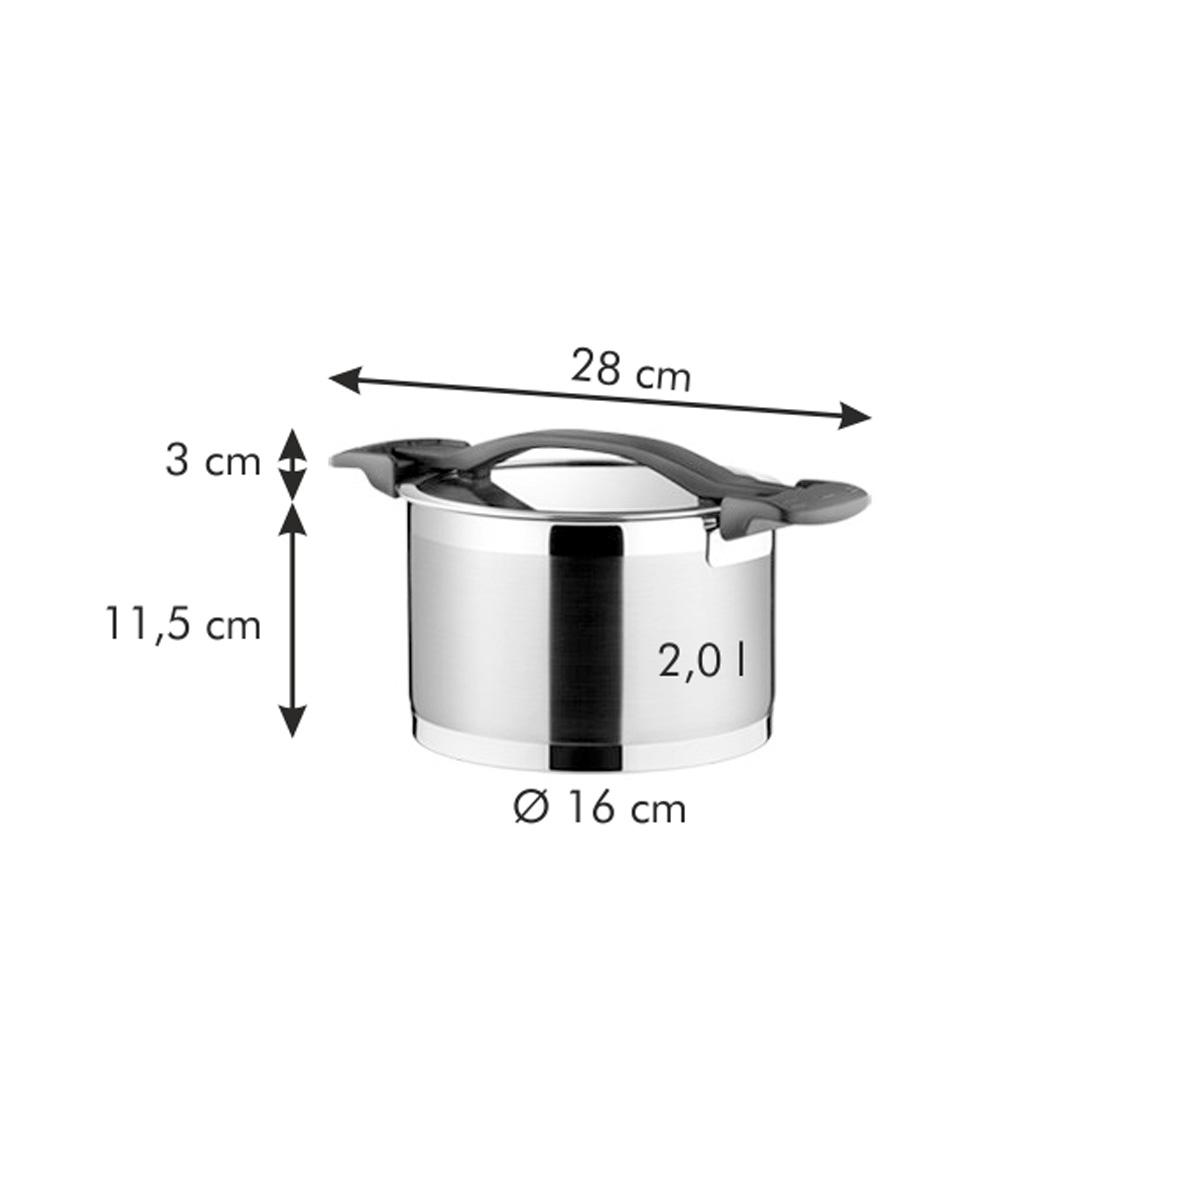 Hrnec ULTIMA s poklicí ø 16 cm, 2.0 l